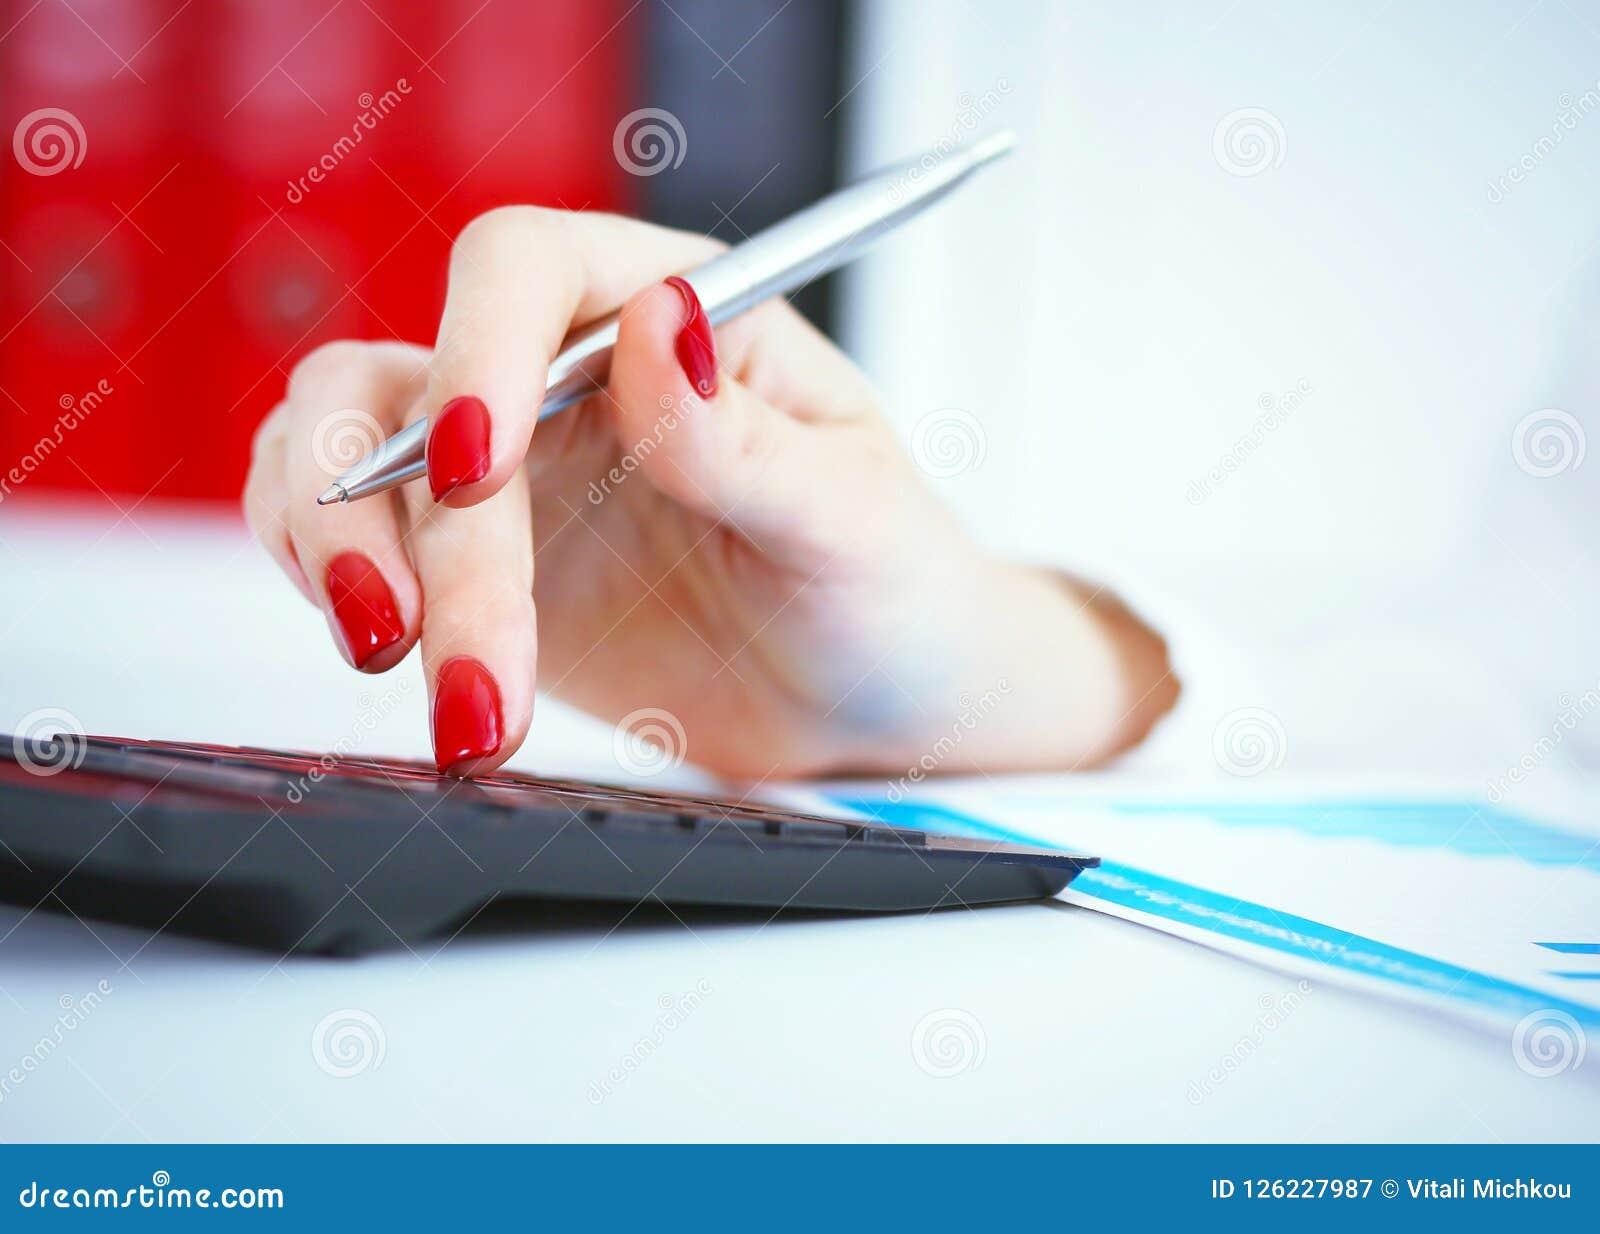 Chiuda su della mano femminile del banchiere o del ragioniere che effettua i calcoli Risparmio, finanze e concetto di economia